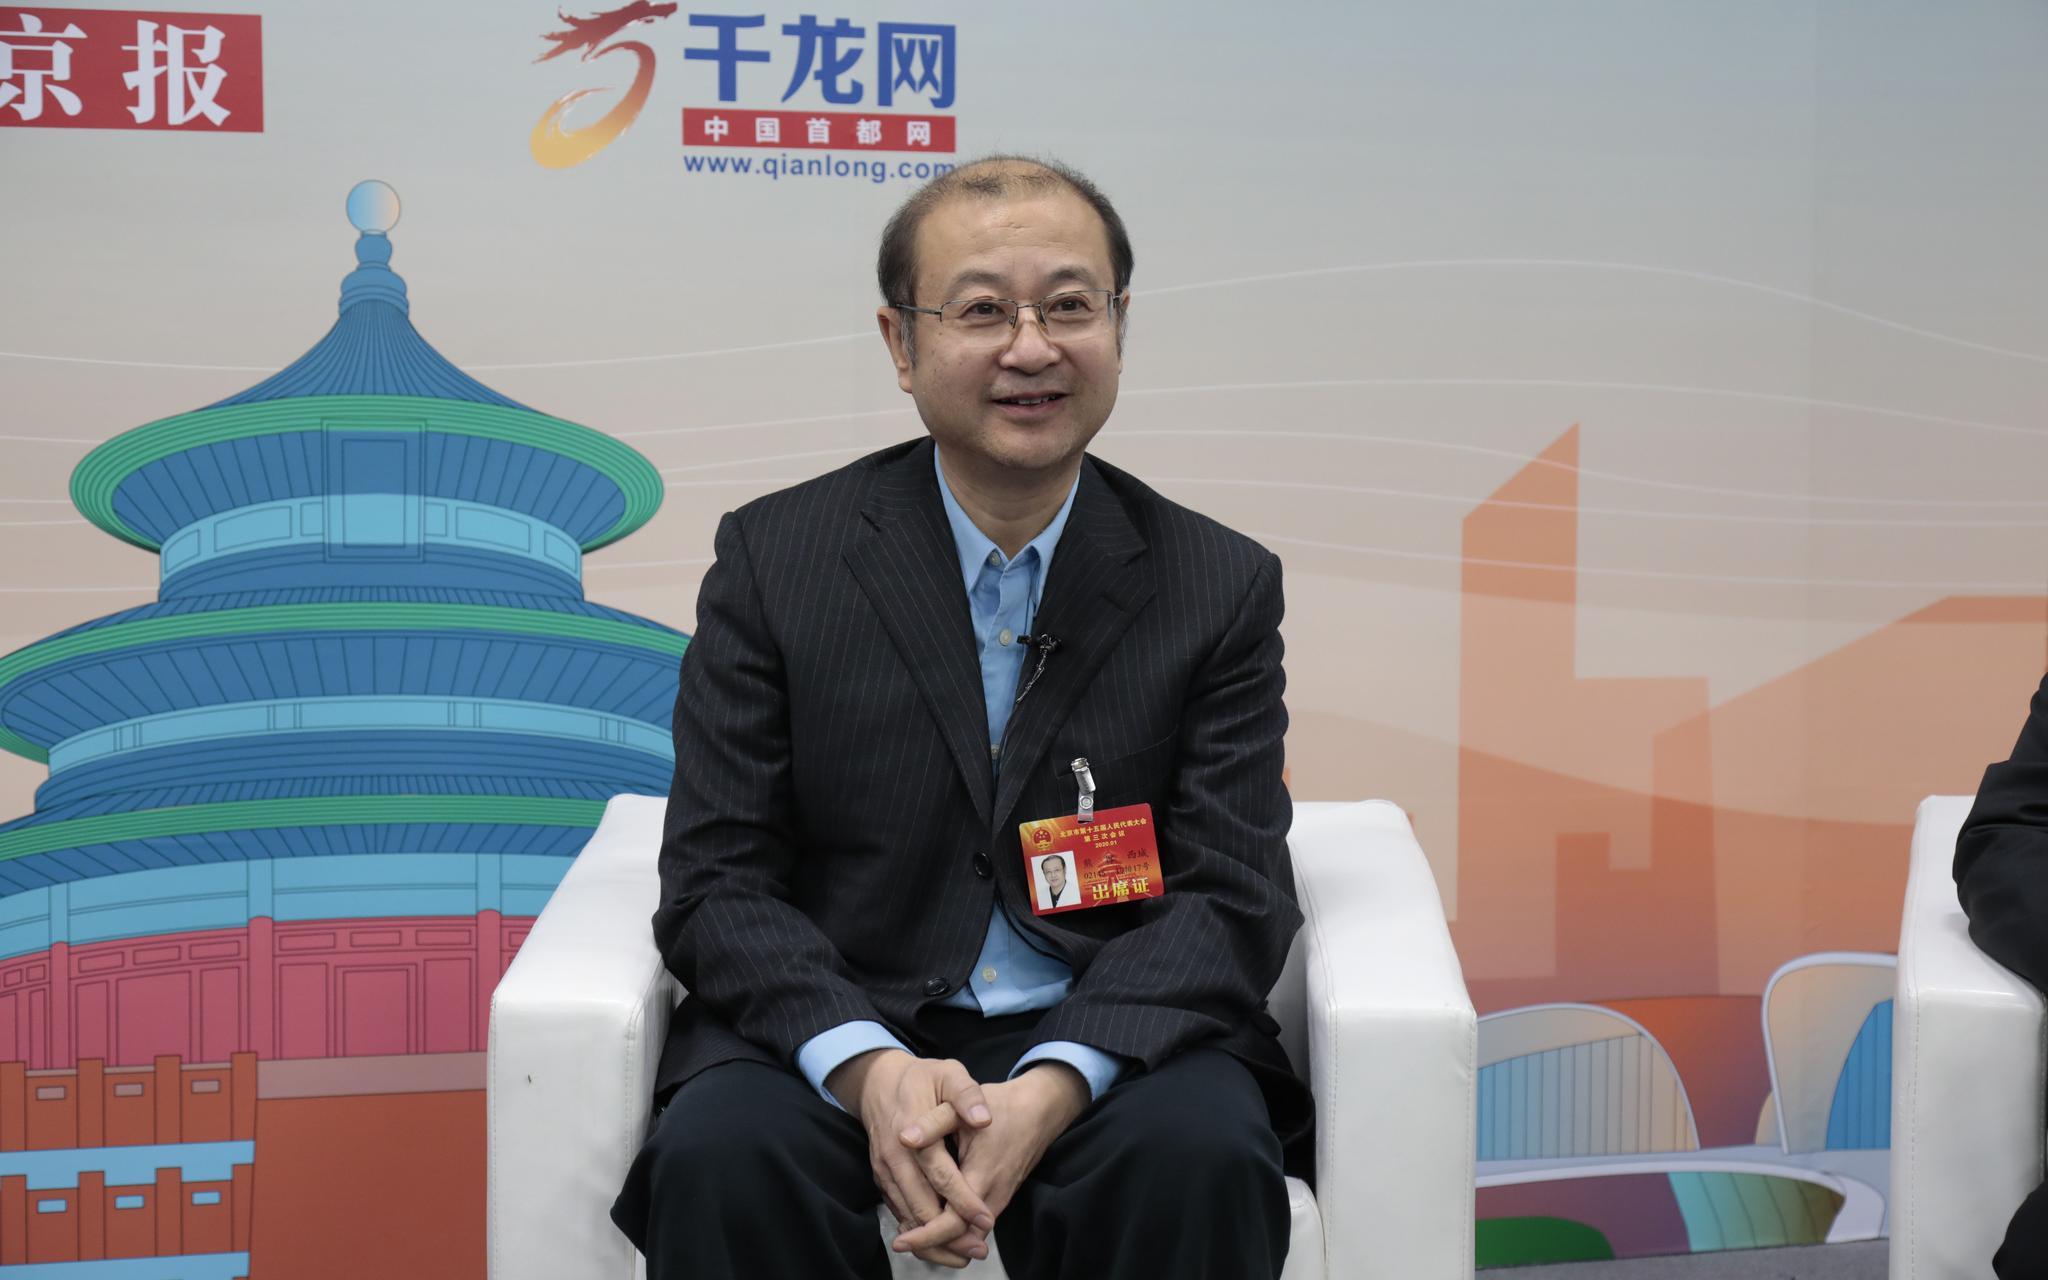 北京市人大代表、北京大学第一医院急诊科主任熊辉。摄影/新京报记者 王嘉宁